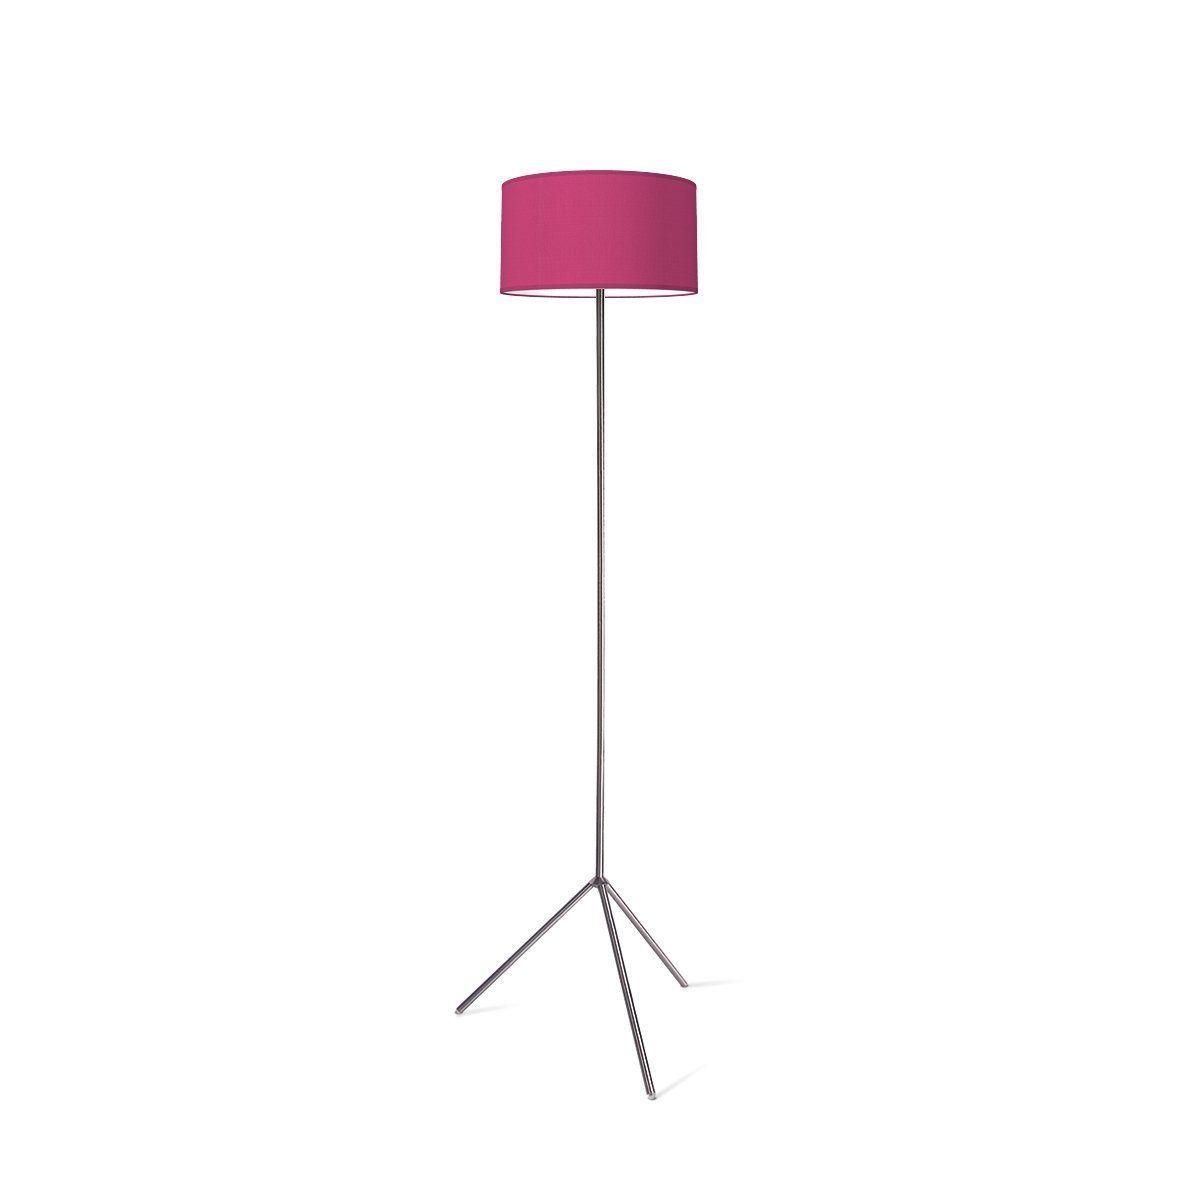 Home sweet home vloerlamp karma bling Ø 40 cm - roze